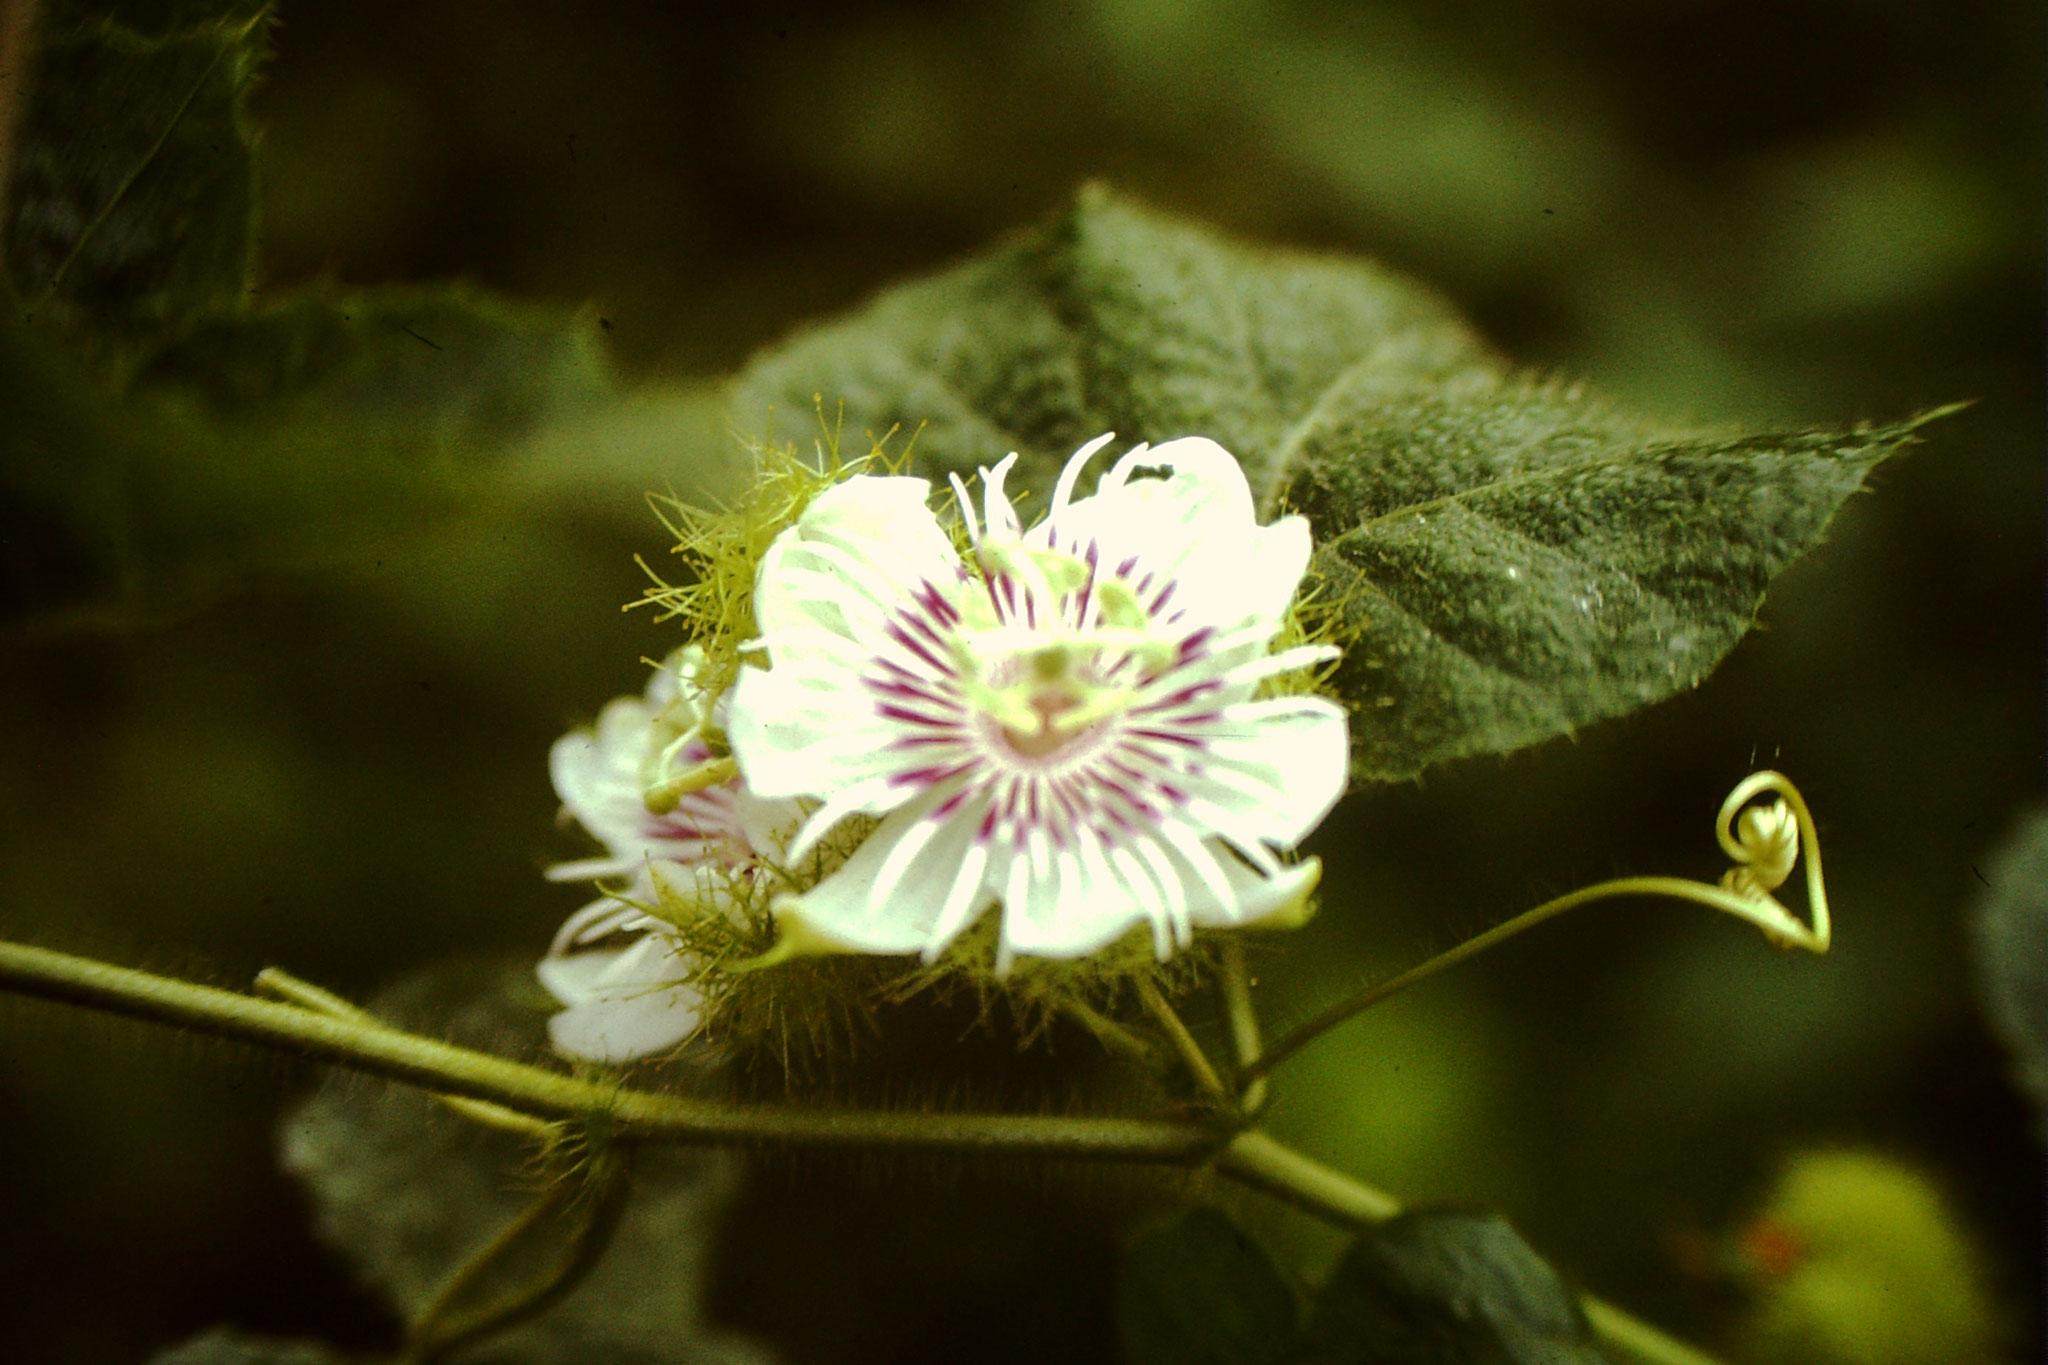 """Im Ordner in dem ich fein säuberlich die Dias beschriftete steht bei diesem Bild """"Blume"""". Mittlerweile weiss ich, das dies die Blüte der Frucht Maracuja ist. Maracuja wird auch  Passionsfrucht genannt. Im Nachhinein ärgert es mich, dass wir nicht nach"""